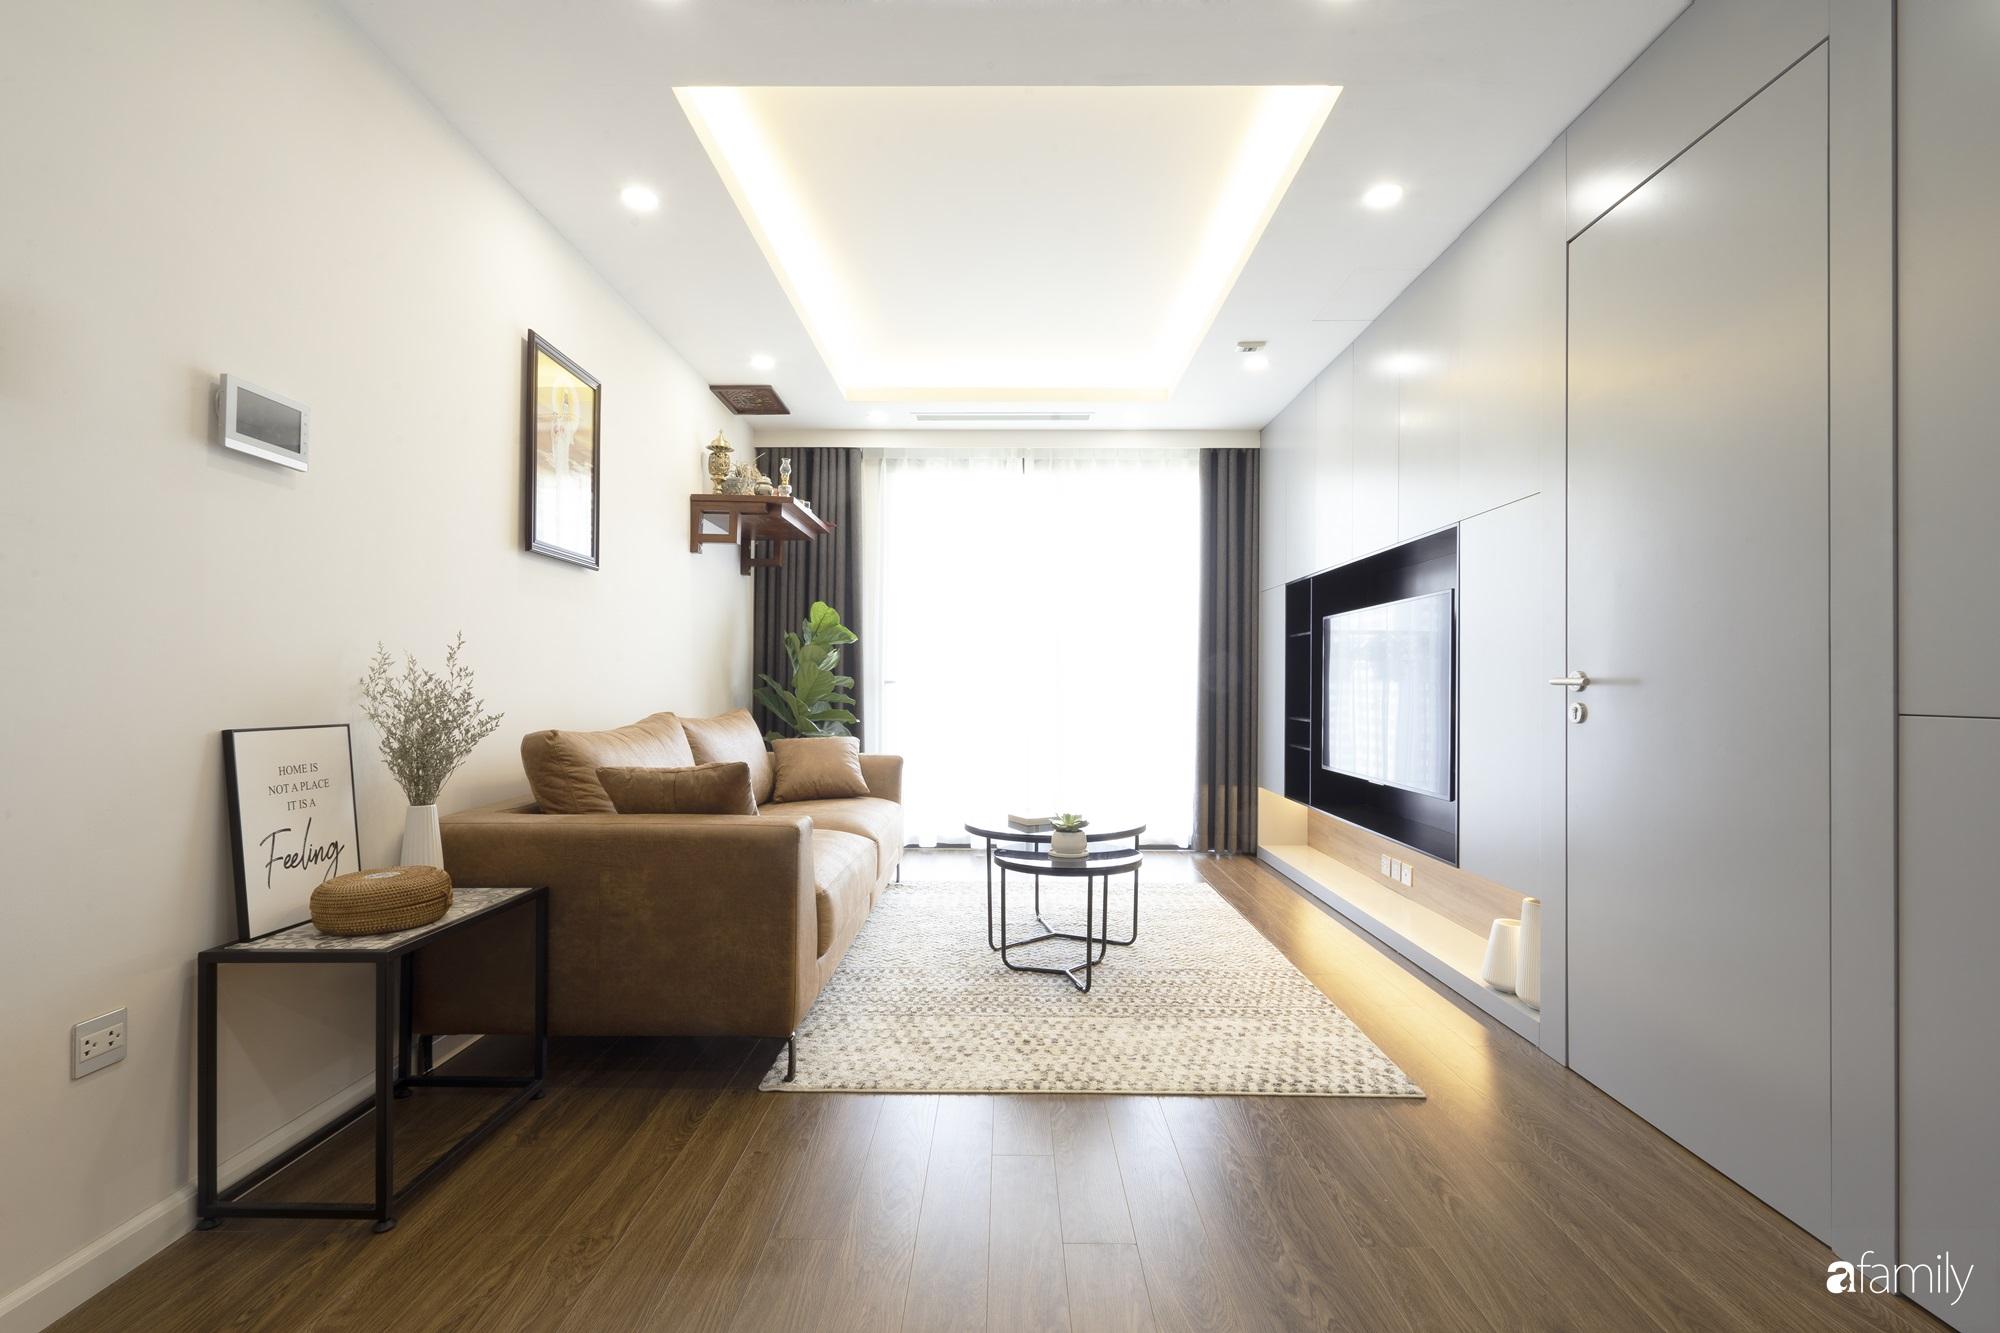 """Căn hộ 96m² tối ưu hóa công năng dành cho vợ chồng trẻ """"lười"""" dọn nhà có chi phí hoàn thiện 400 triệu đồng ở Hà Nội - Ảnh 5."""